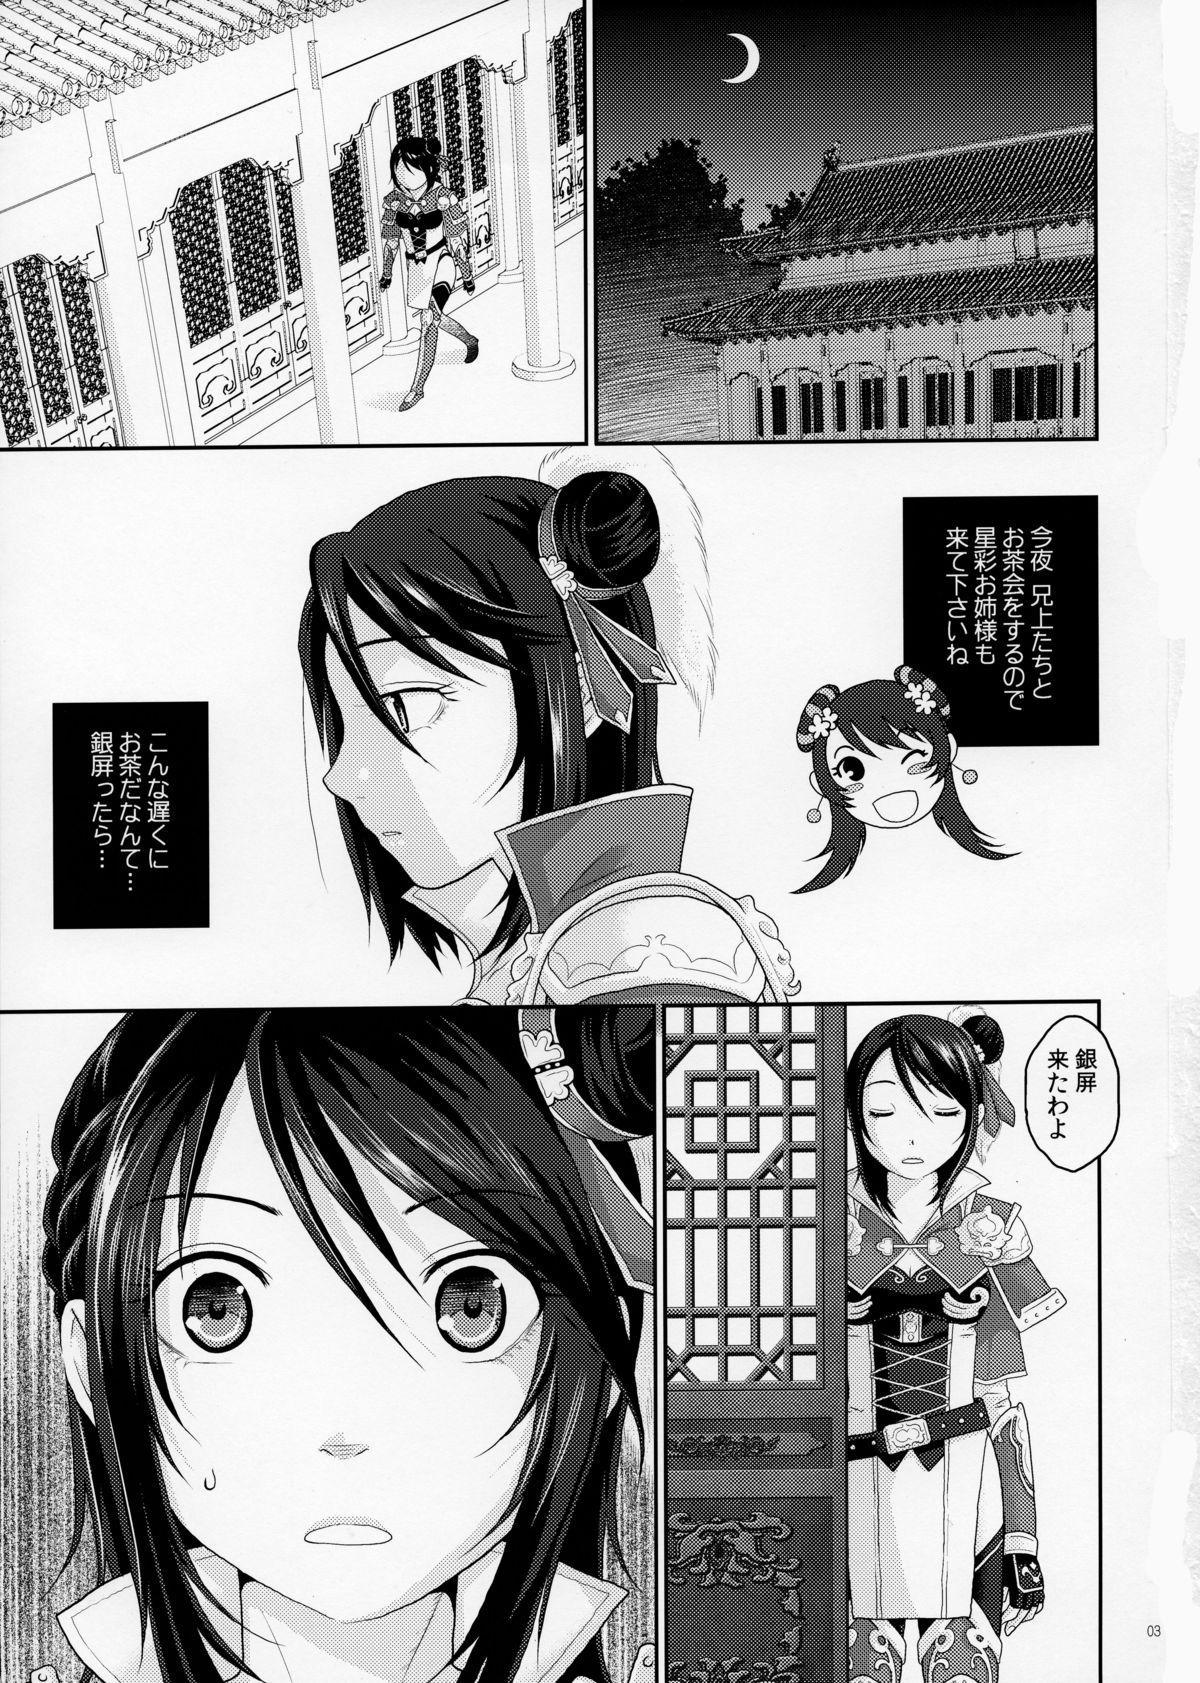 Himitsu no Ochakai 2